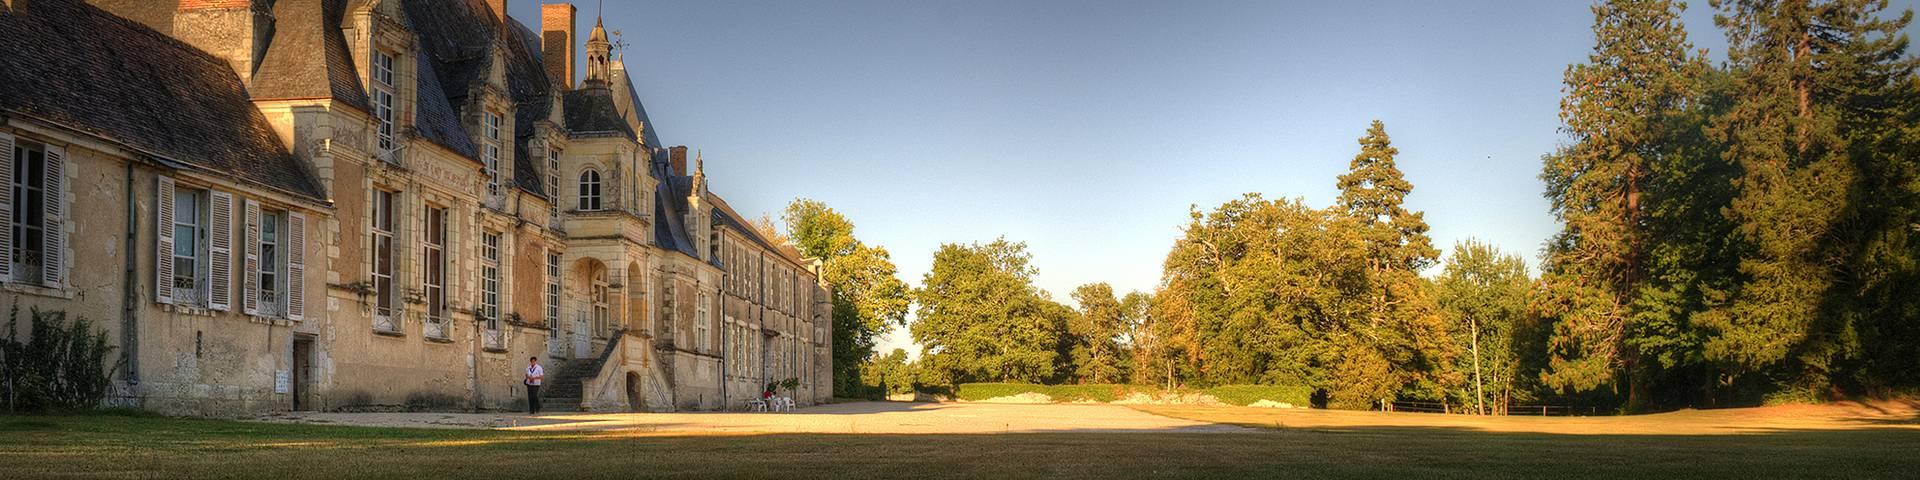 The Château de Villesavin © L. de Serres